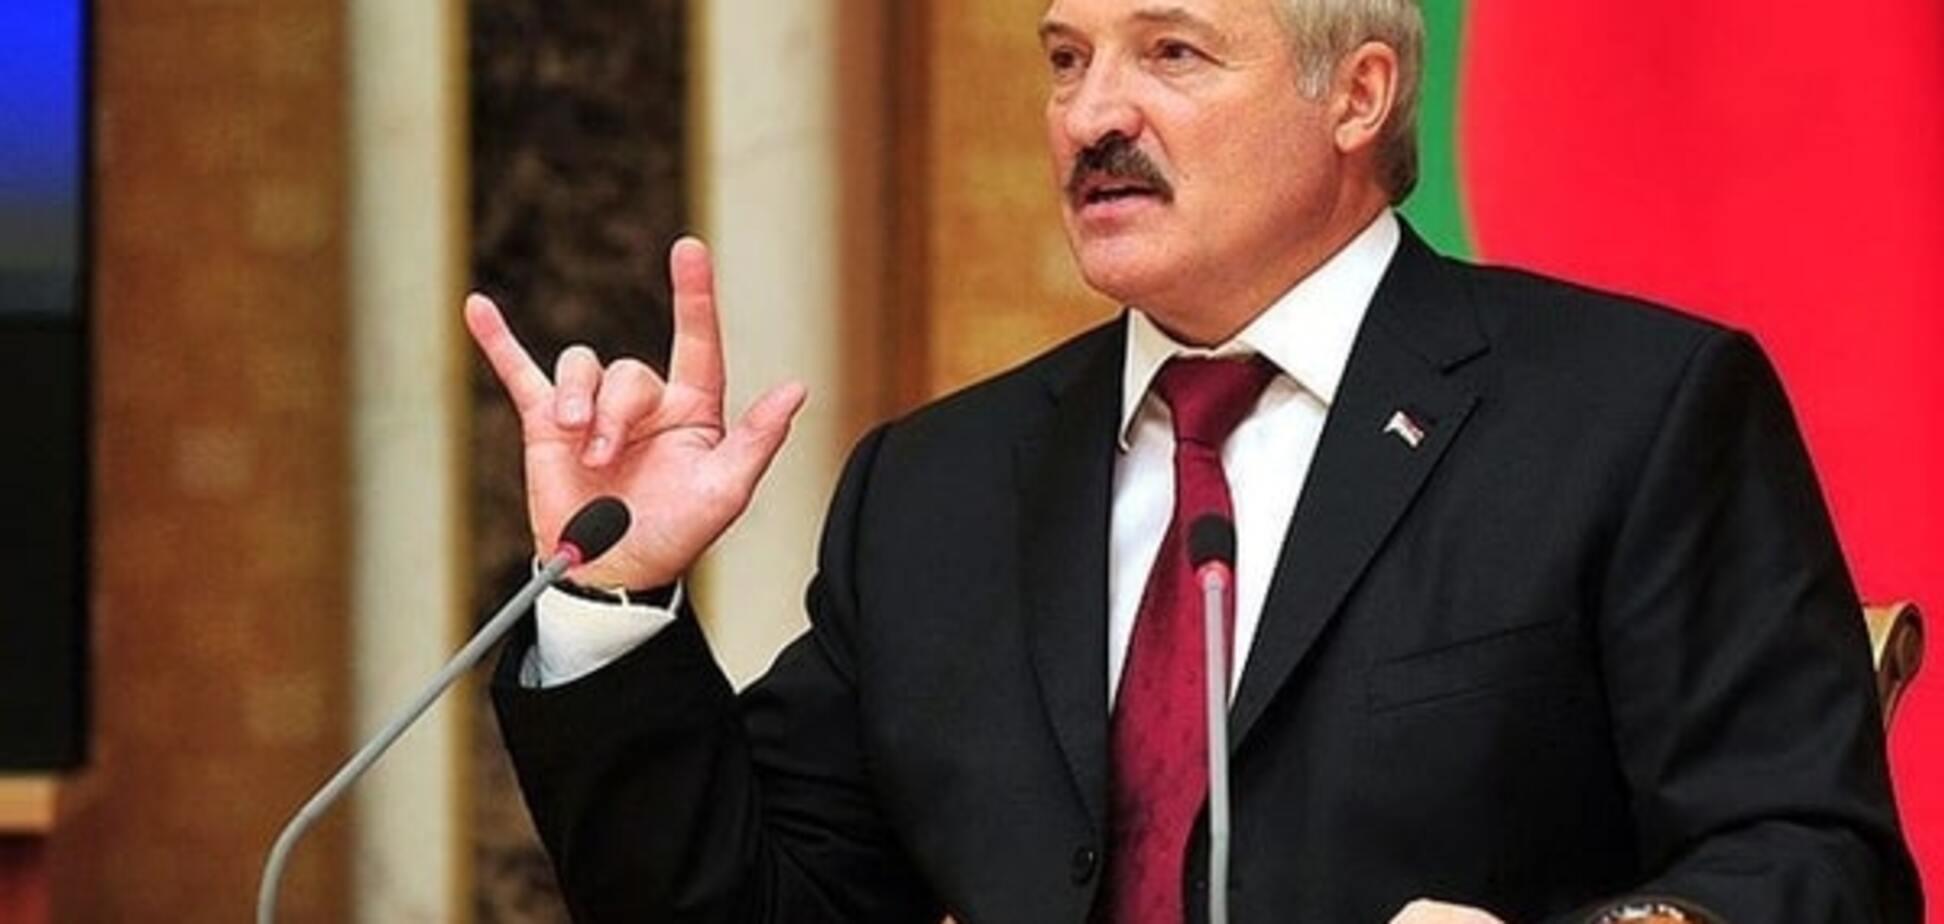 Лукашенко наконец-то нашел нефть в Беларуси